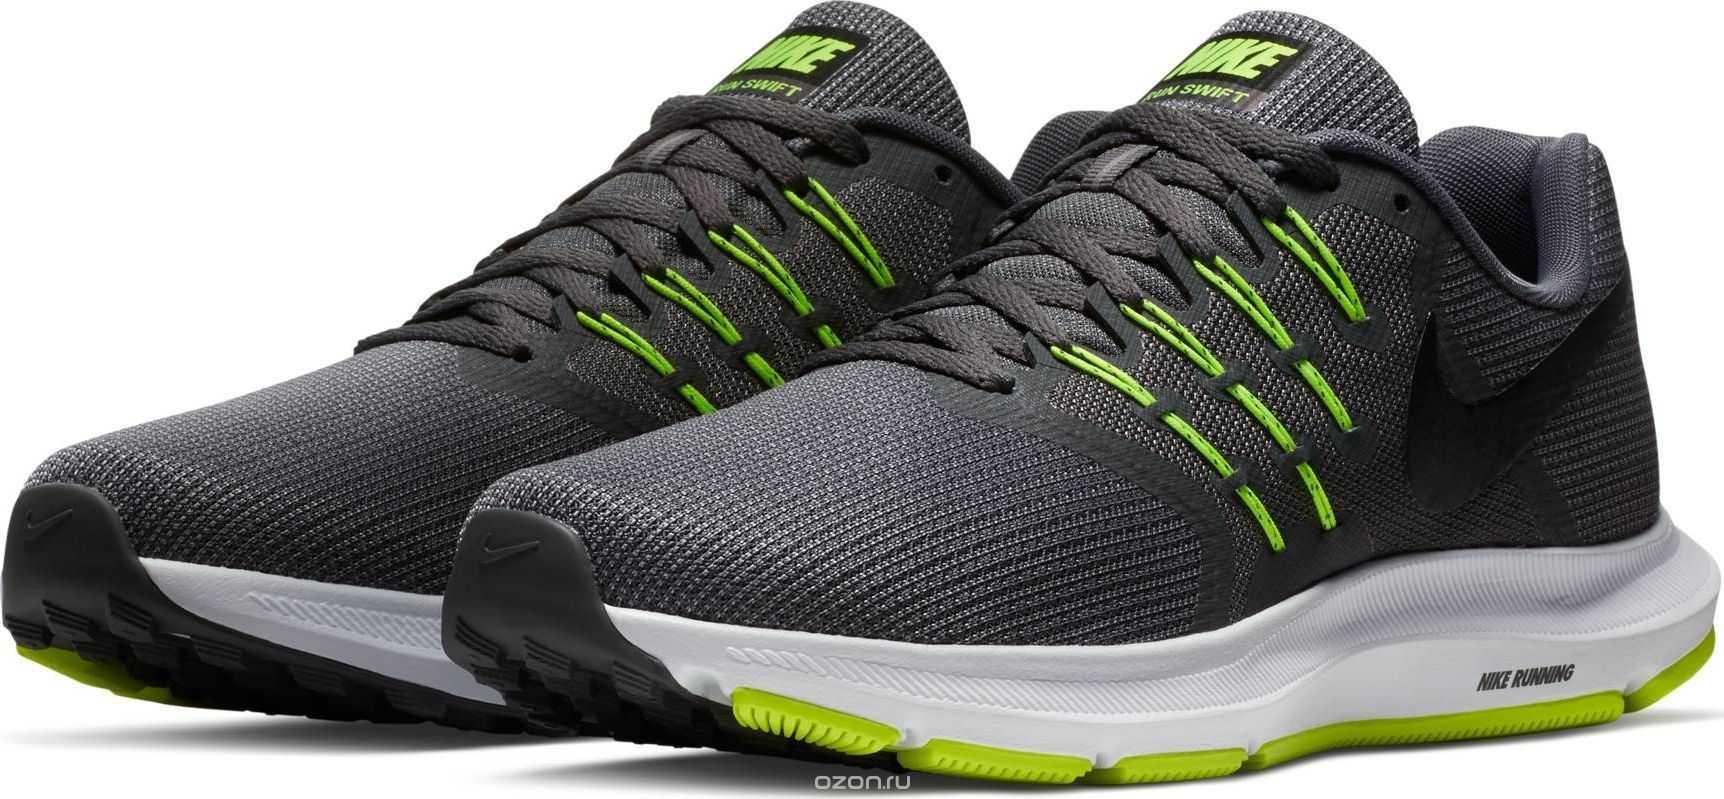 Топ-20 мужских кроссовок для фитнеса и тренировок (2019)